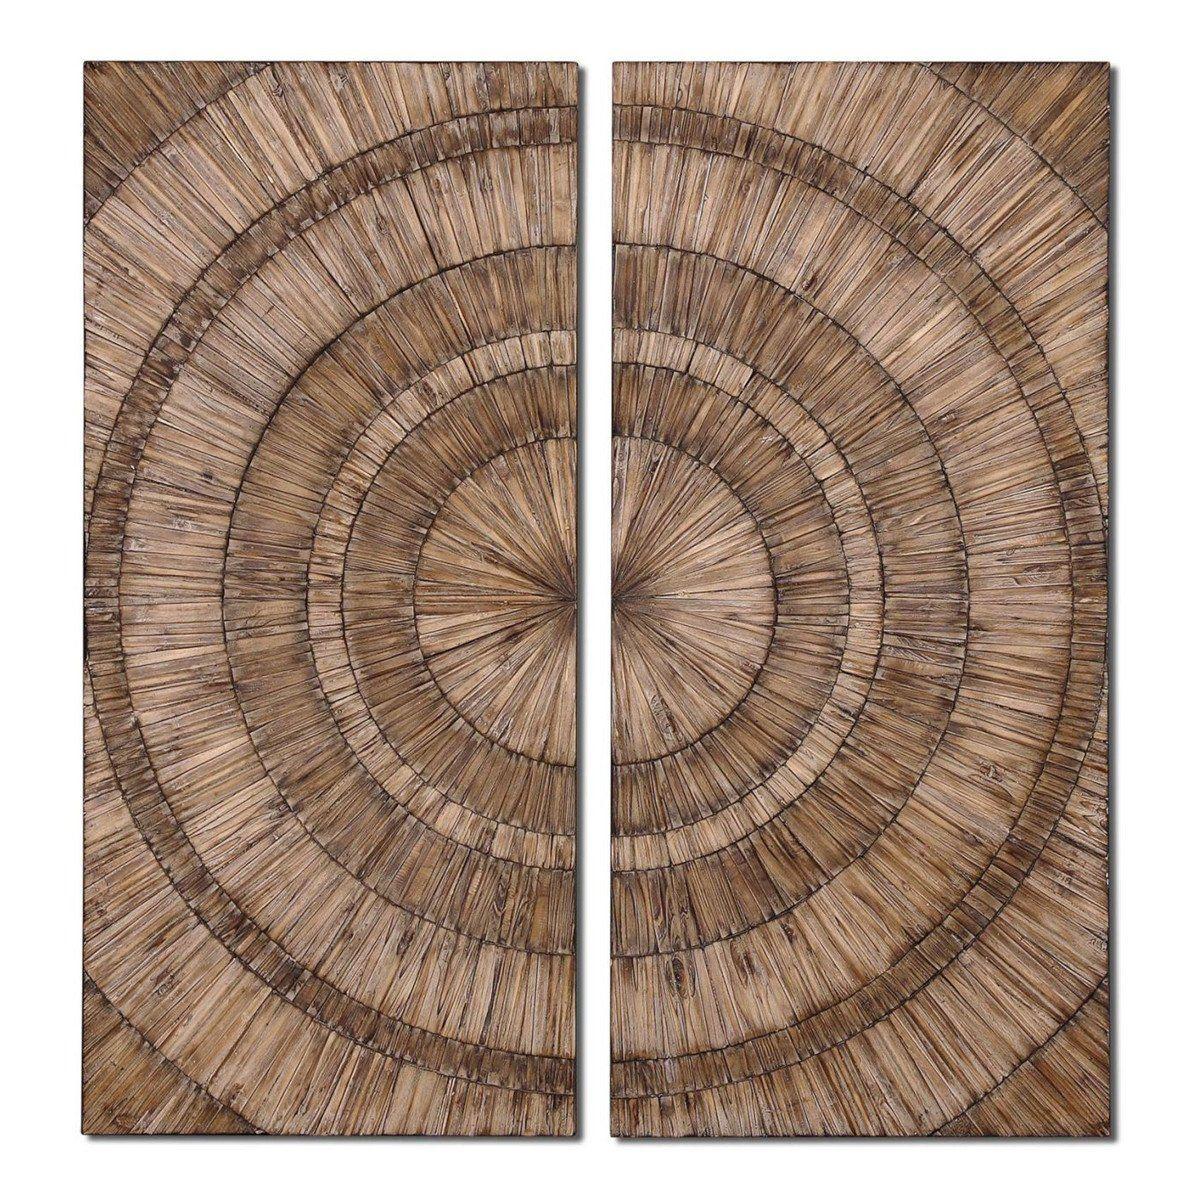 Lanciano wood wall art wood wall art wood walls and products